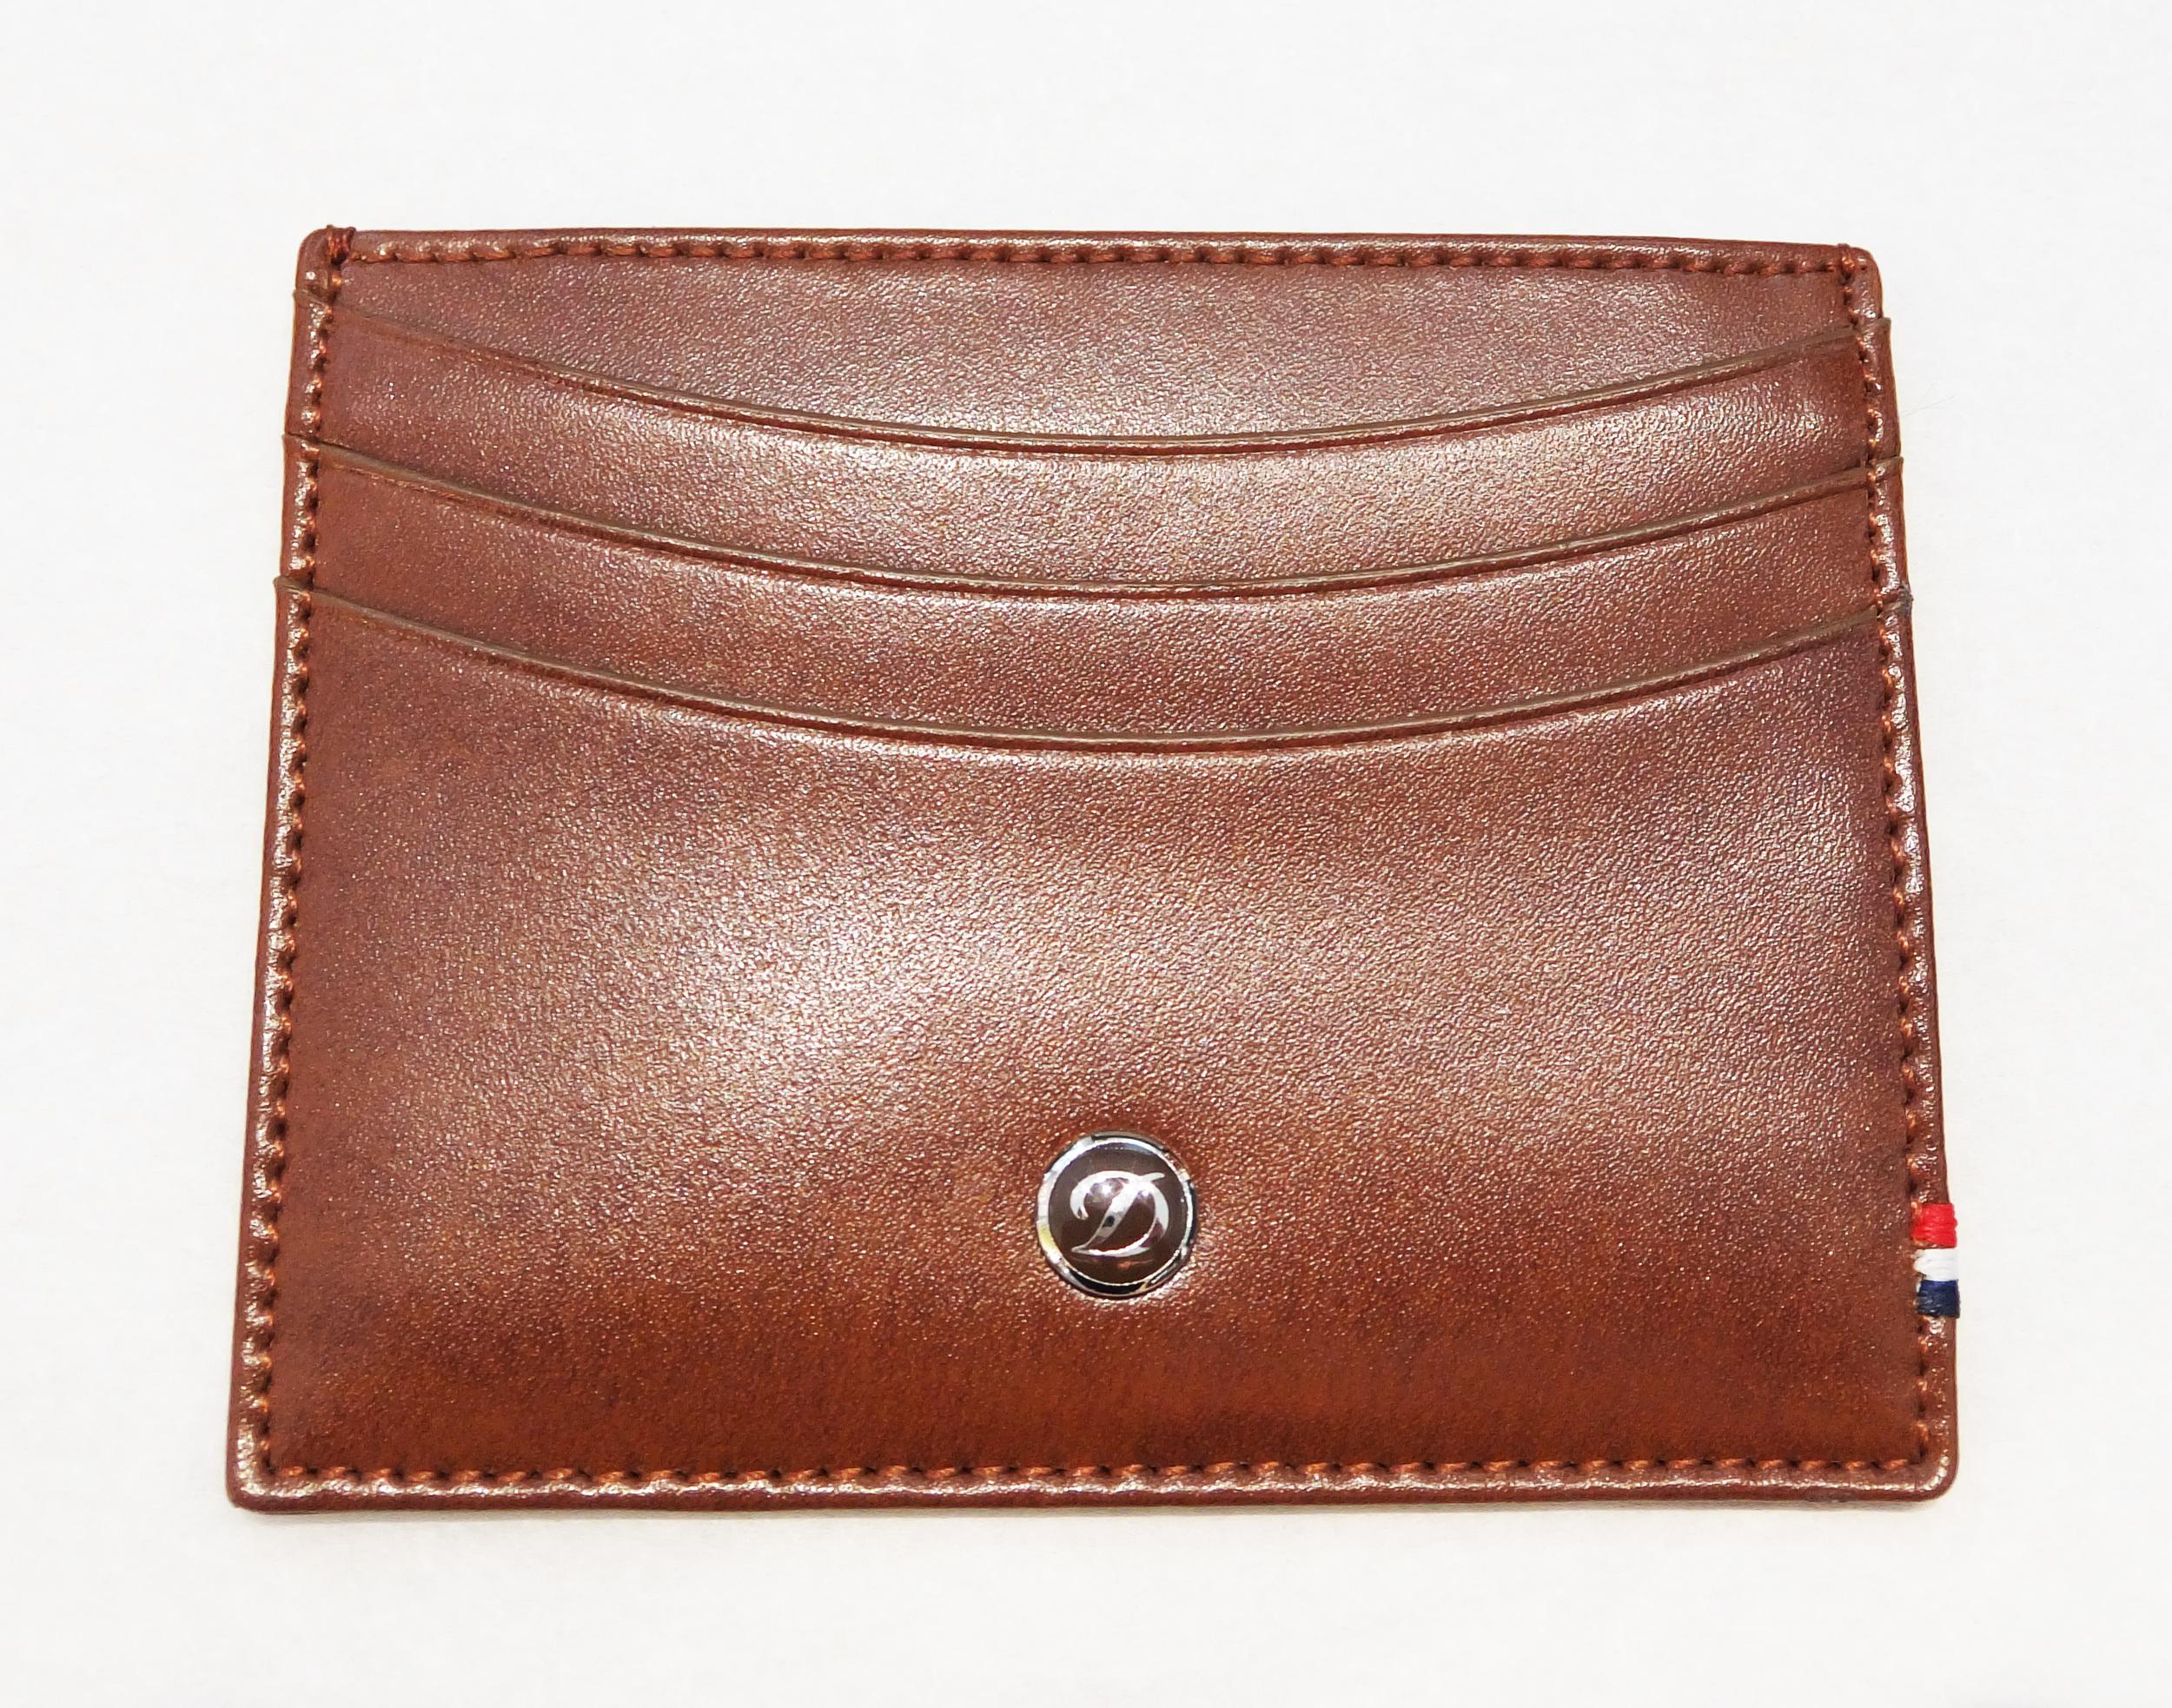 ST Dupont Line D Credit Card Holder